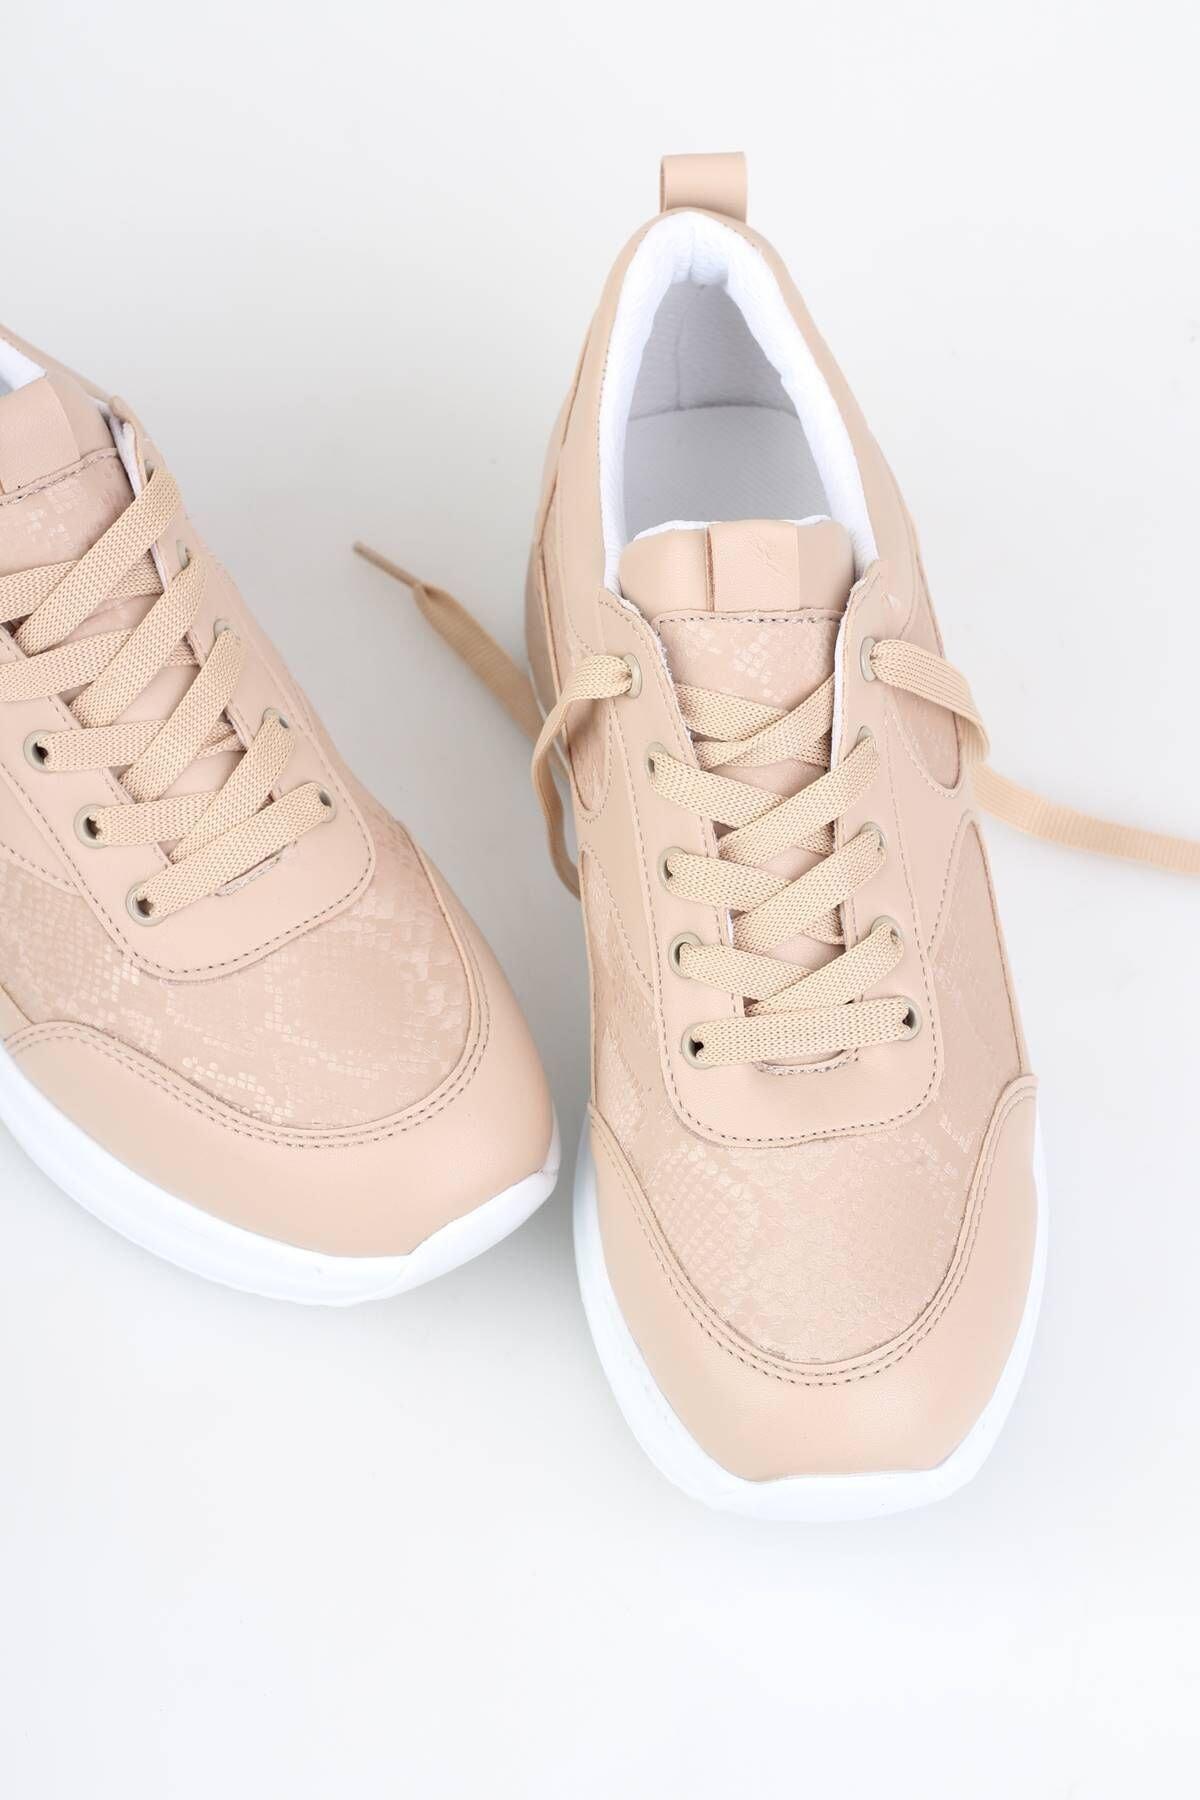 Modabuymus Kadın Spor Dolgu Topuklu Ayakkabı 2